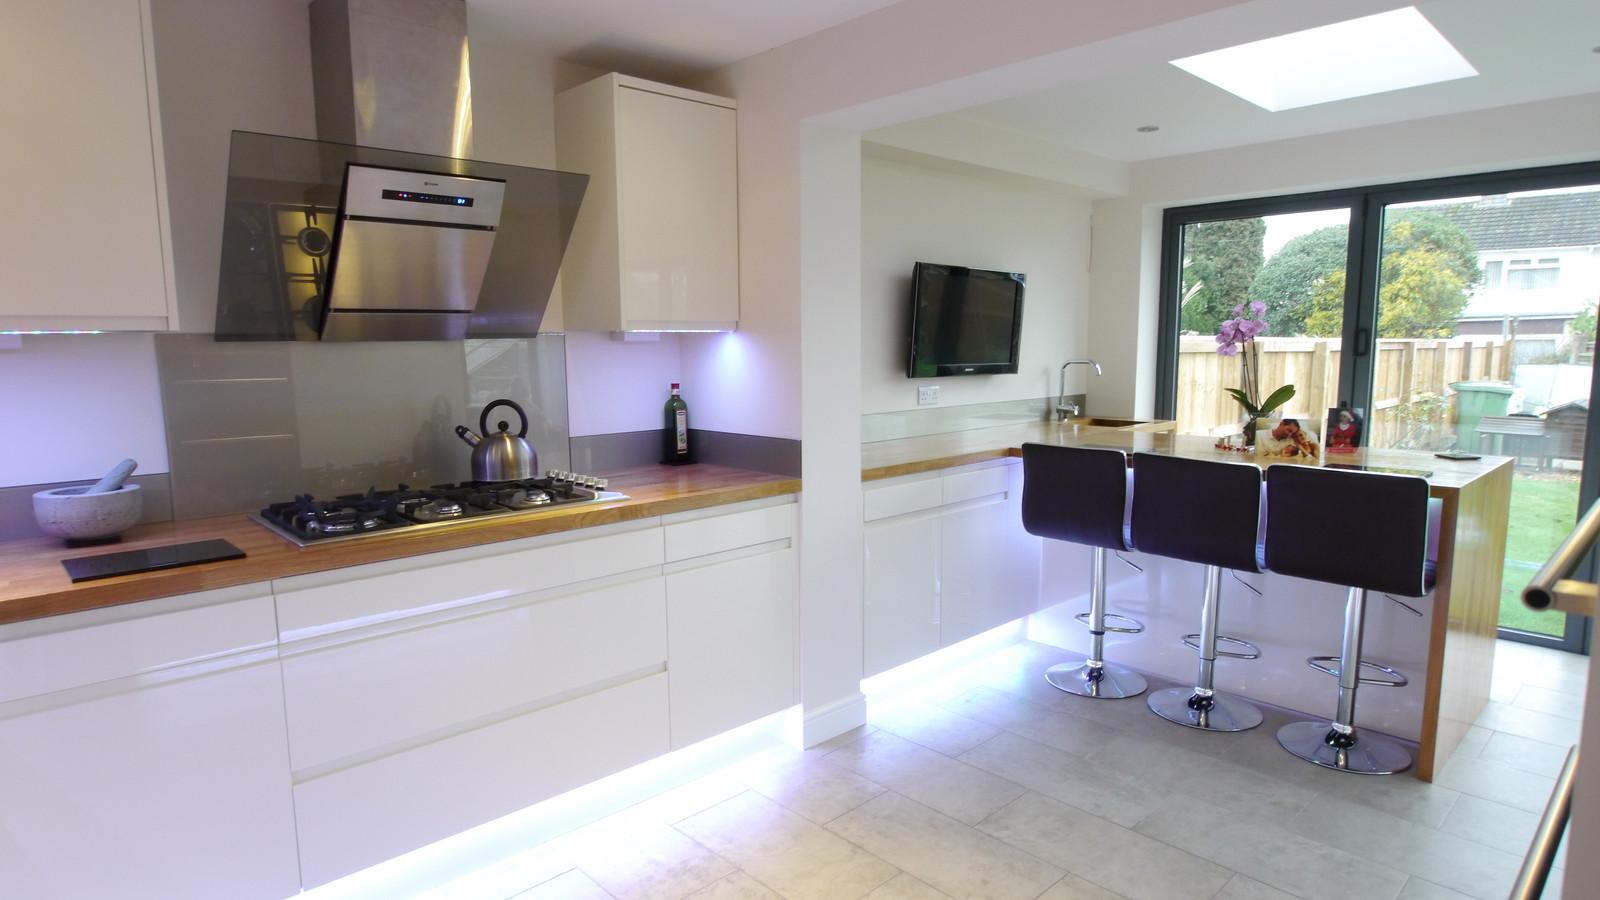 White Gloss Kitchen Worktop David Cross Kitchen Solutions Kitchens In Somerset Work